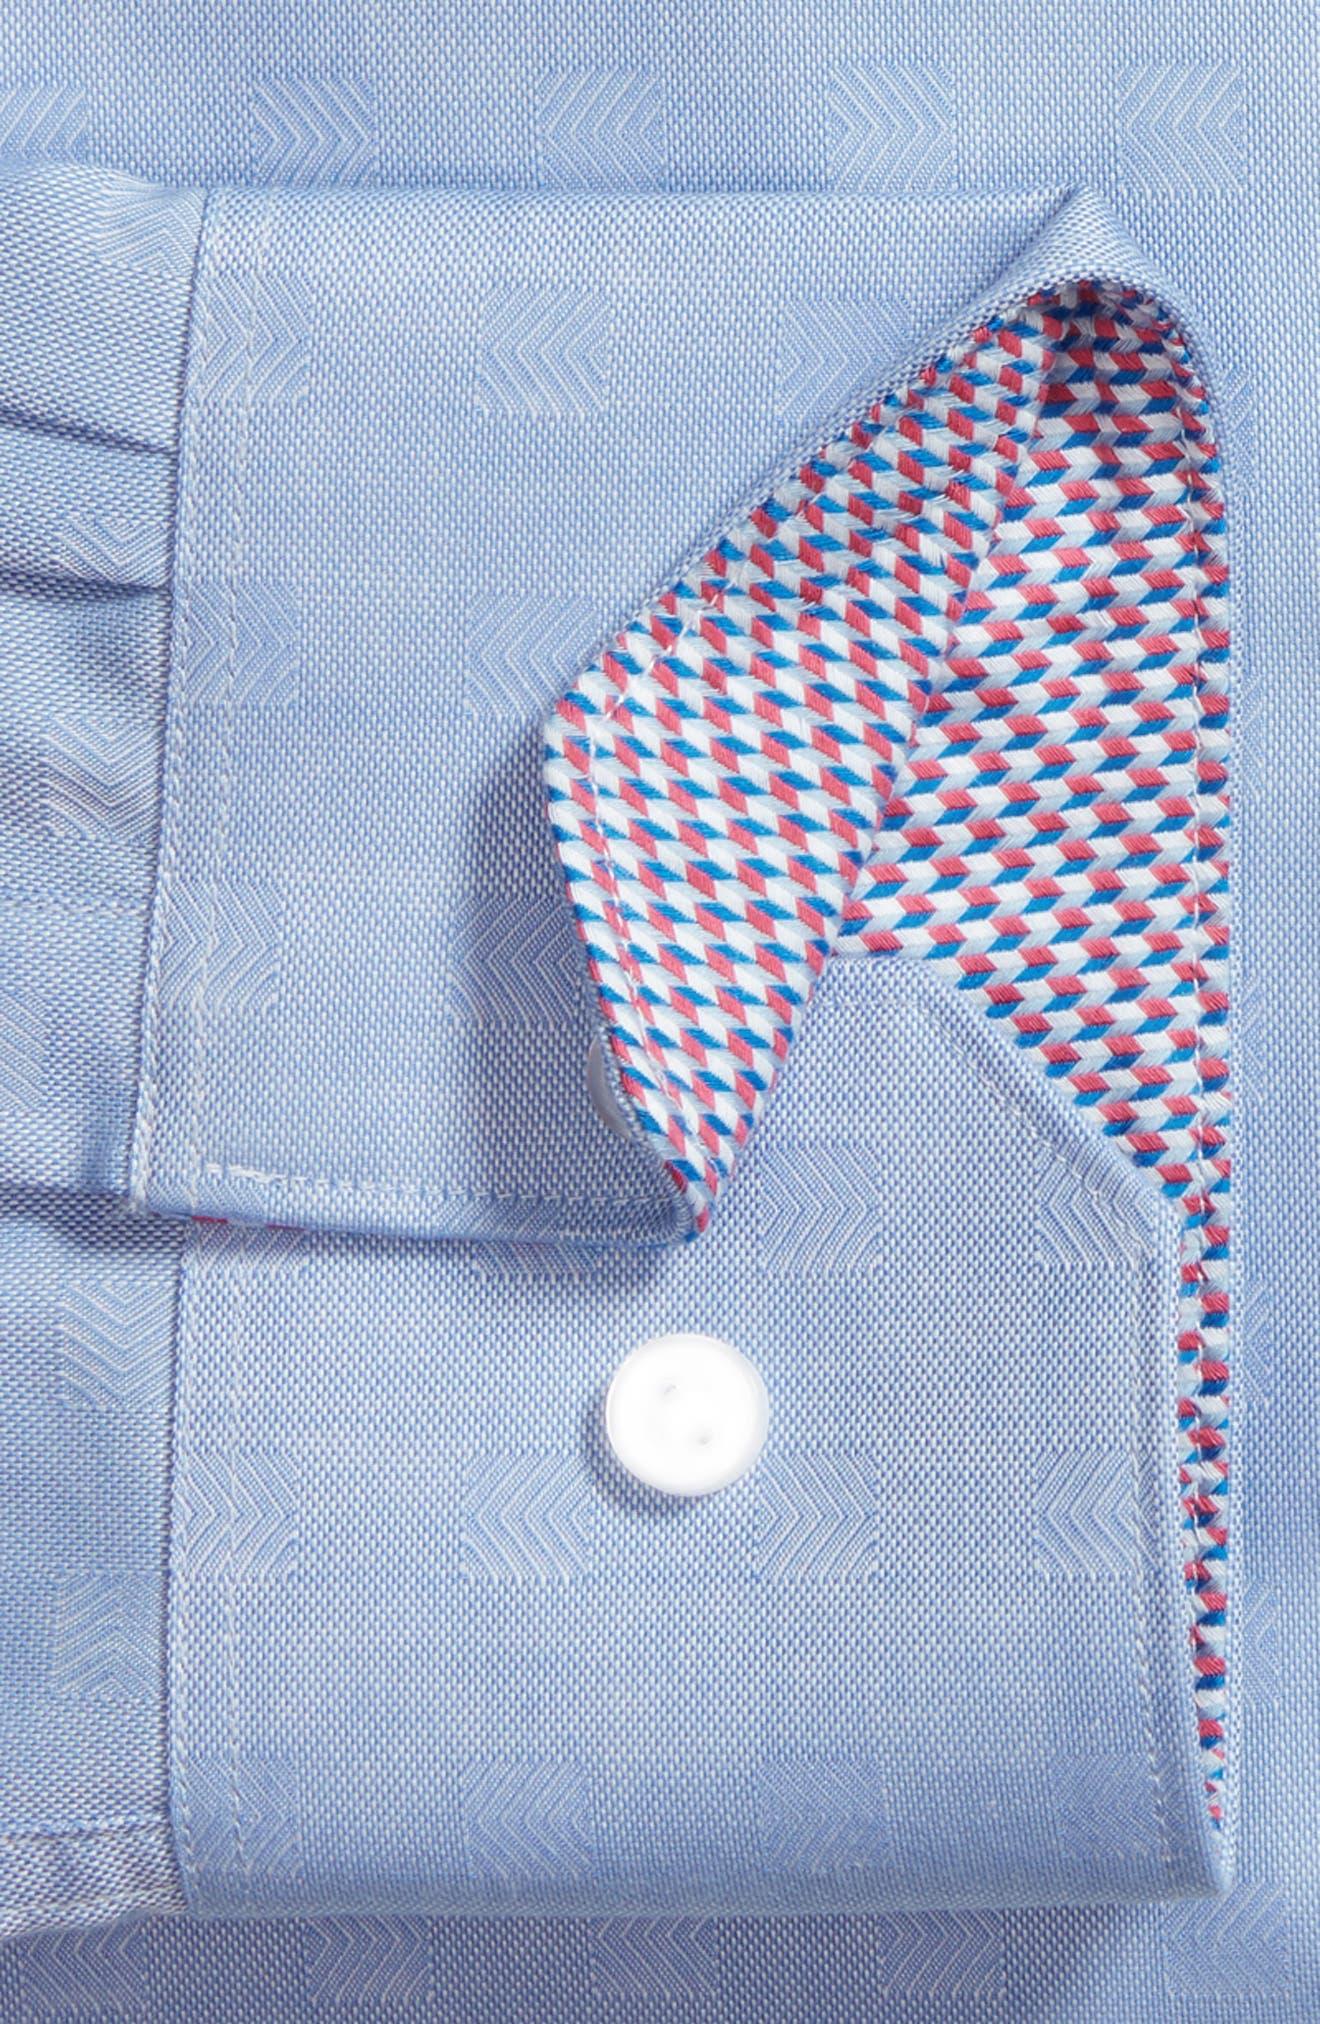 Ashur Trim Fit Solid Dress Shirt,                             Alternate thumbnail 5, color,                             Blue